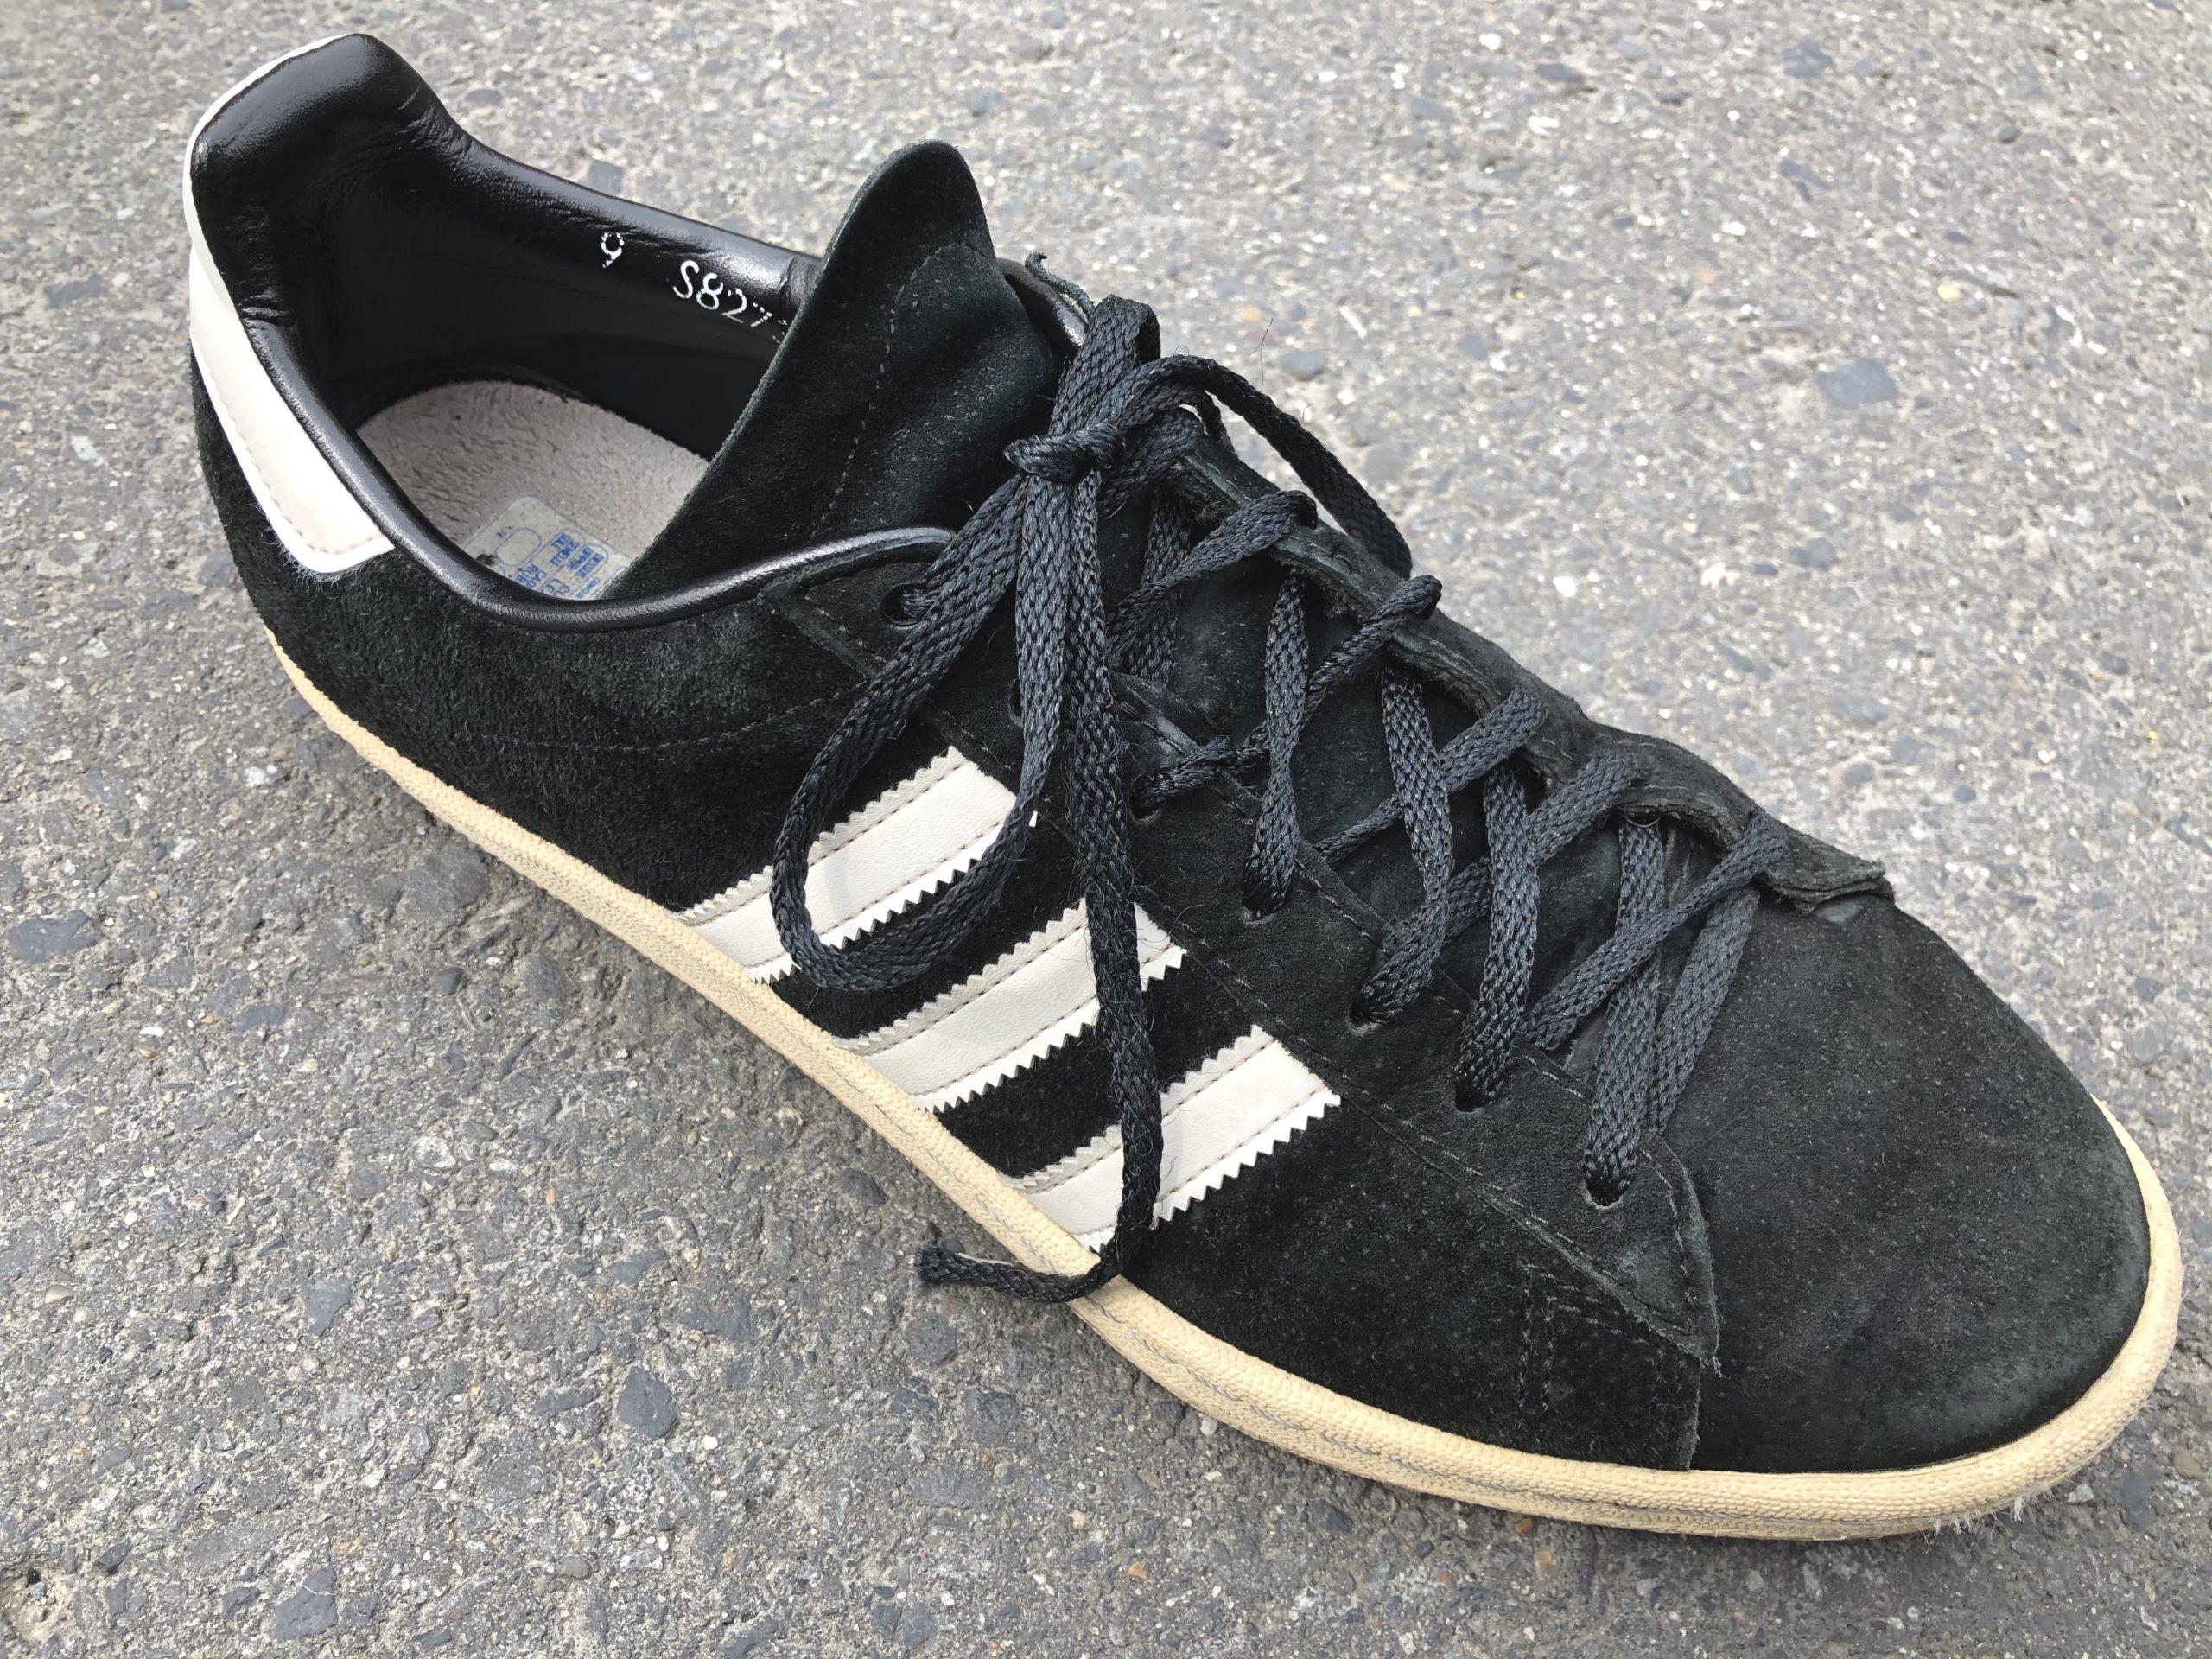 アディダスのキャンパスのデフォルトの靴紐状態